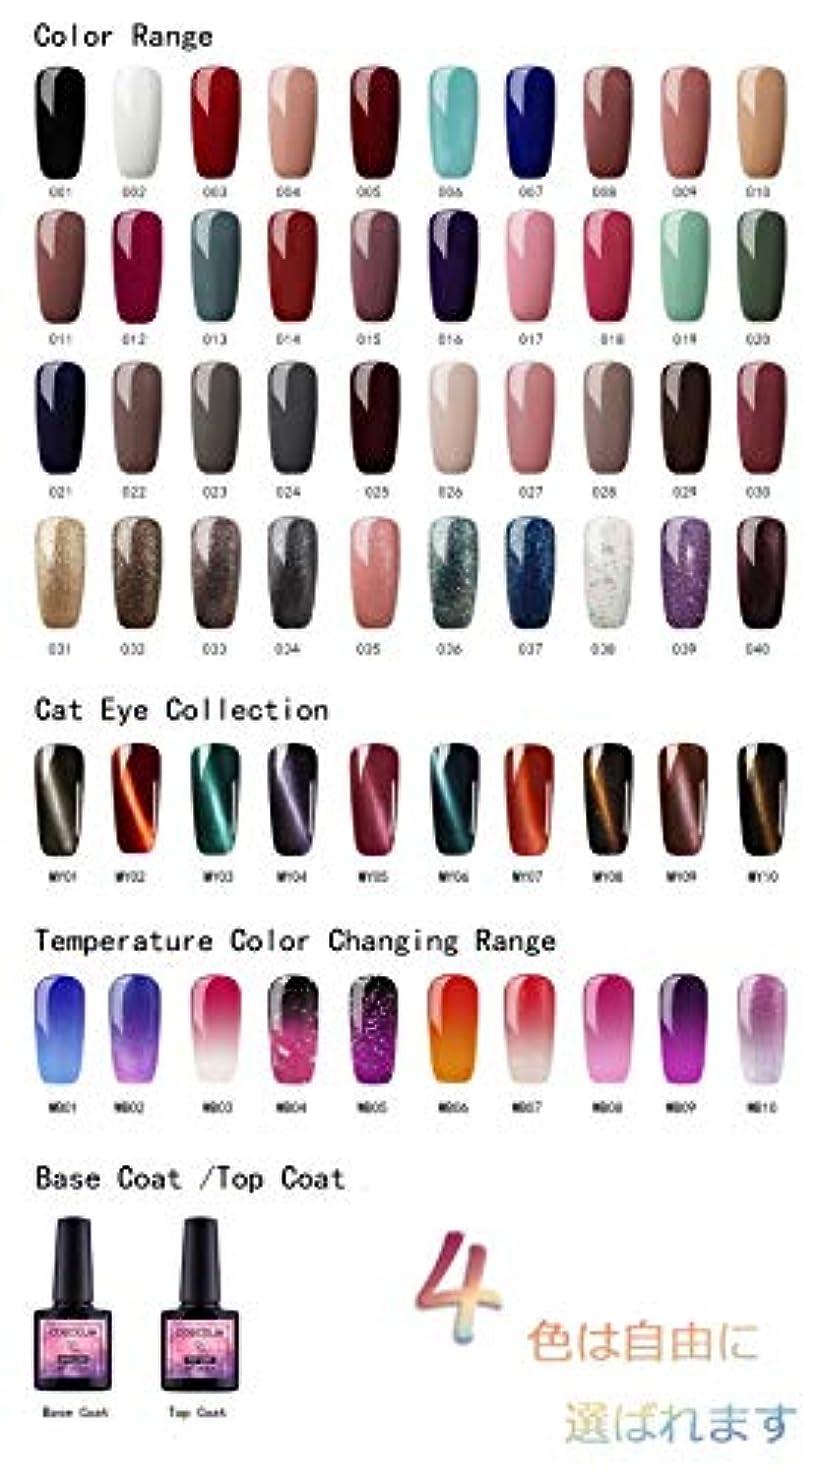 陪審スタジアムマイクロTwinkle Store 4色套装カラージェル 8ml ジェルネイルカラー キャットアイジェルセット カメレオンカラージェルセット  ネイルアートジェルで簡単に DIY UV/LED 适用 下の色で4ボトルを自由に選ぶことができる...